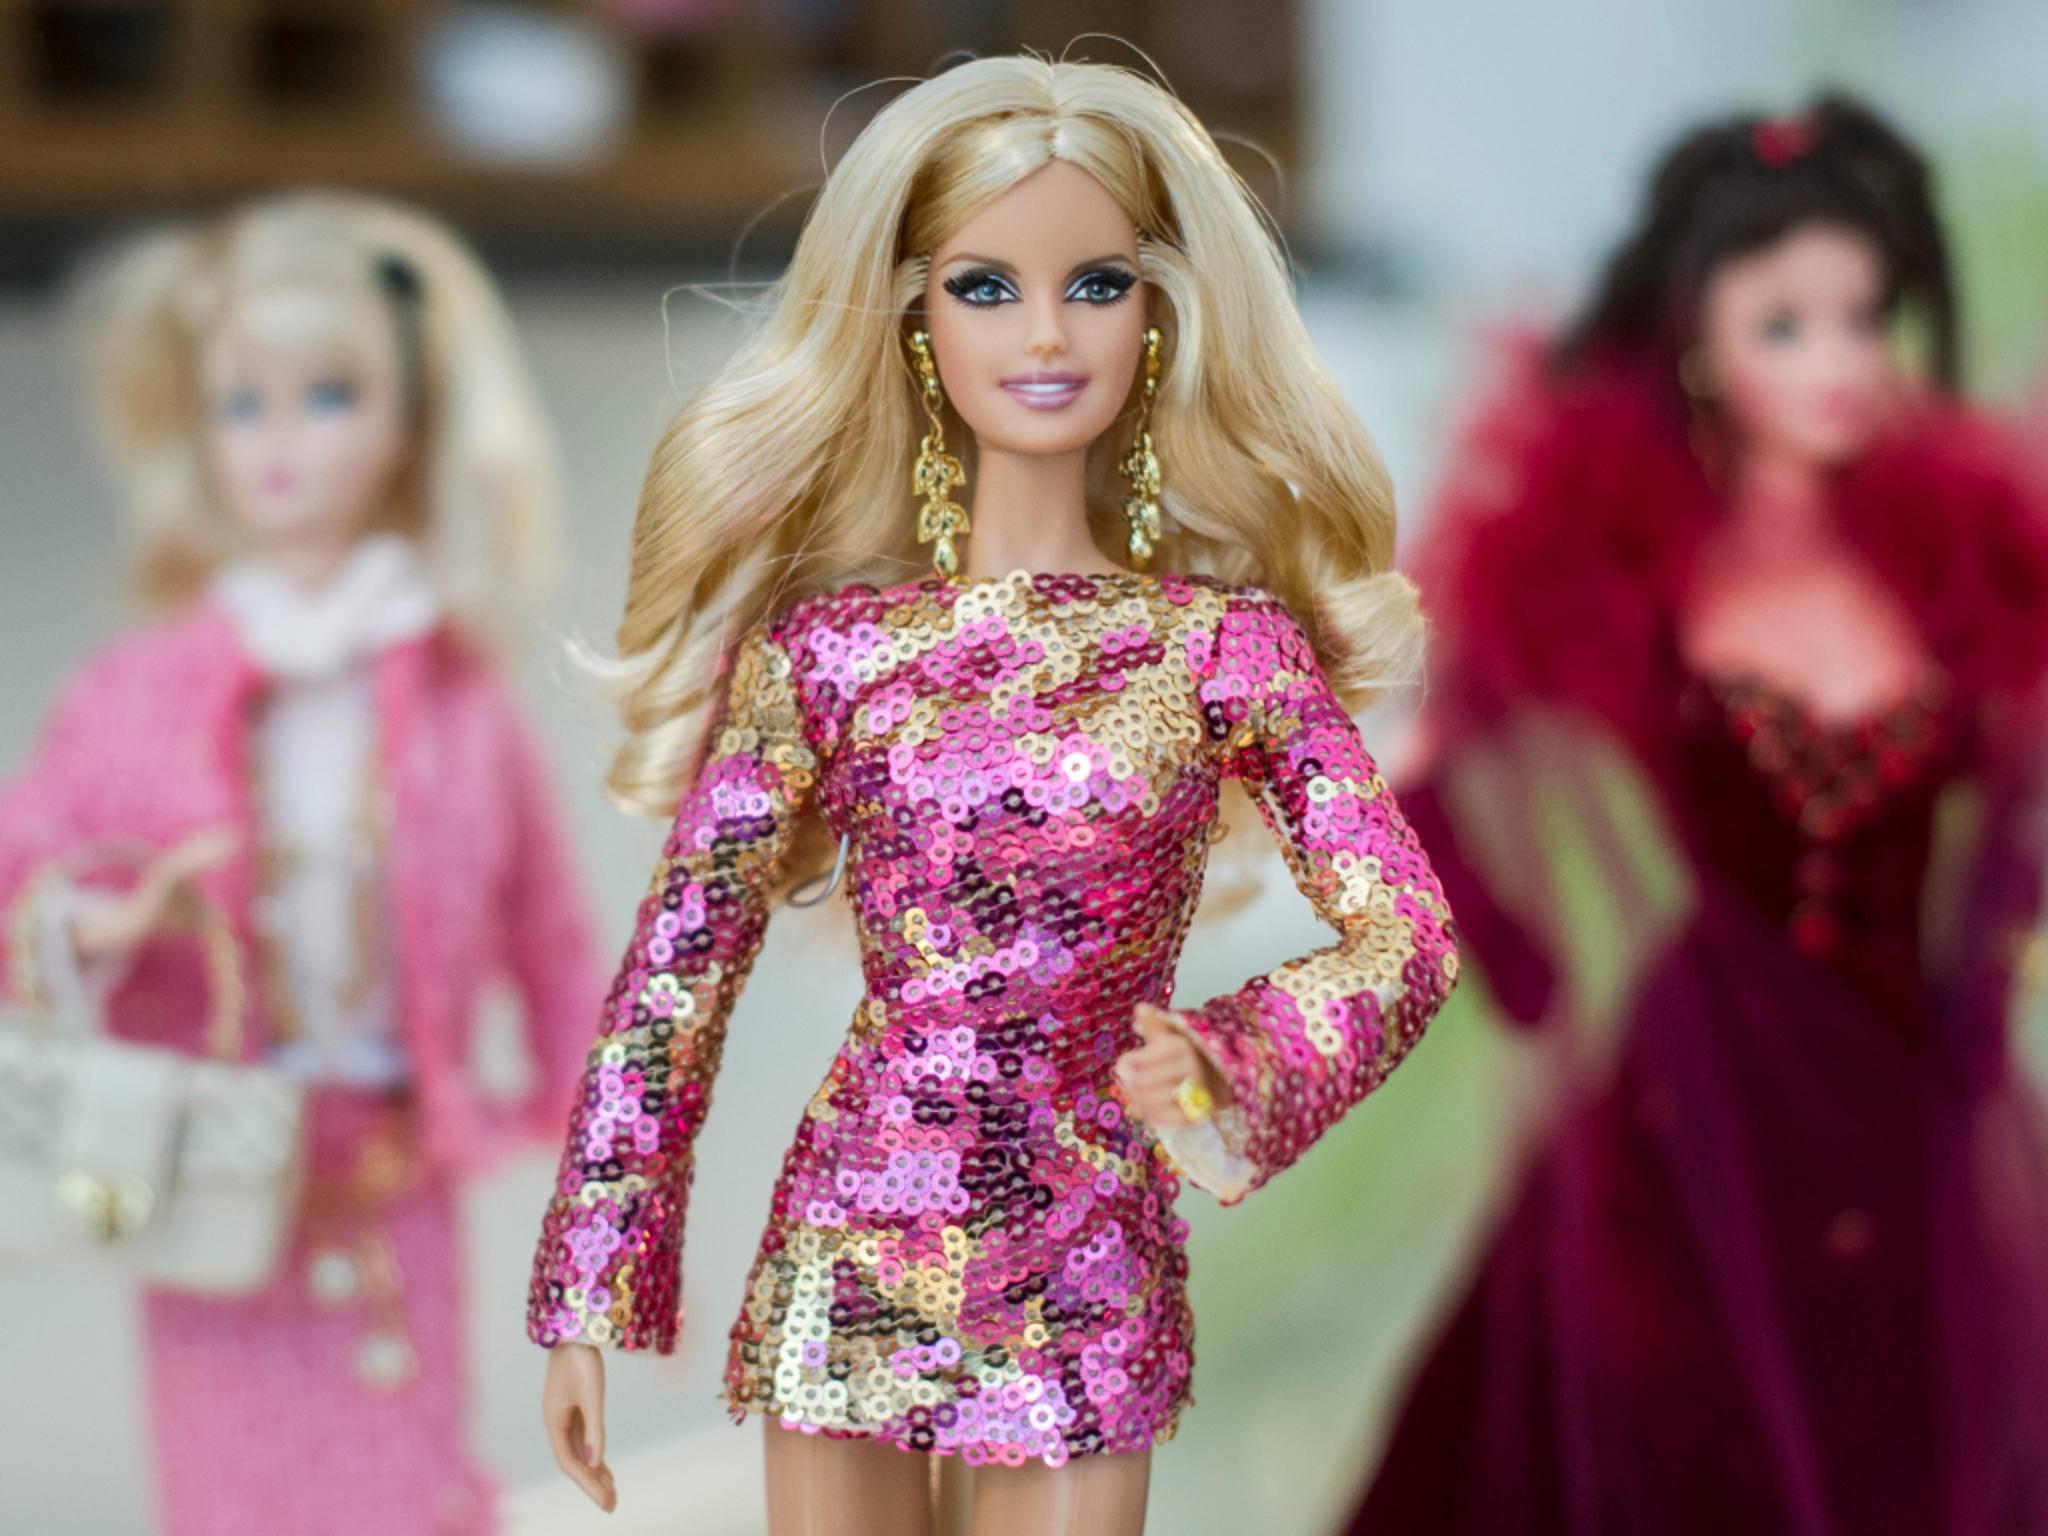 Apple verkauft nun auch Barbie-Puppen in seinem Online-Store.